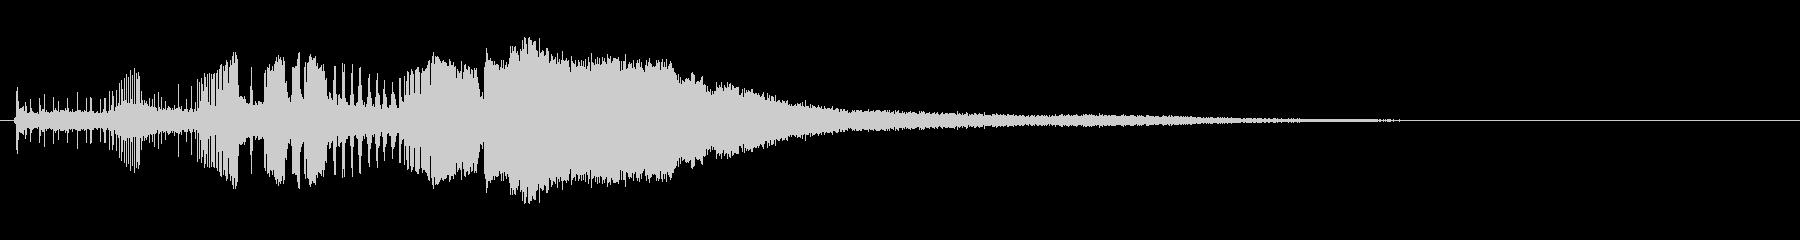 ピアジオバイク-ライド-異なるの未再生の波形